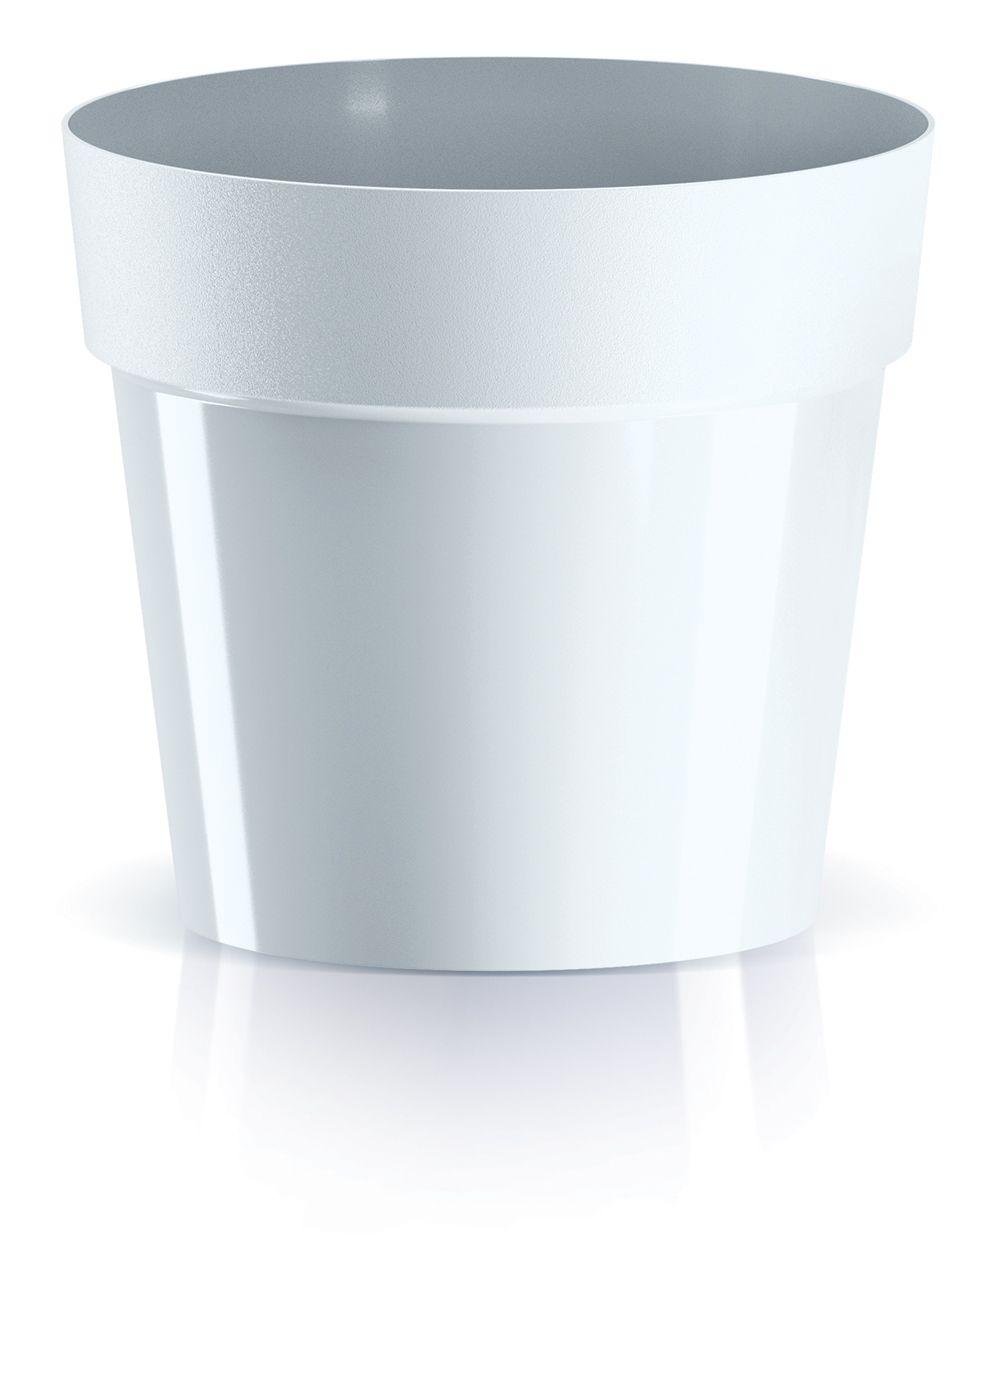 PROSPERPLAST Květináč CUBE BASIC bílý 23,5 cm